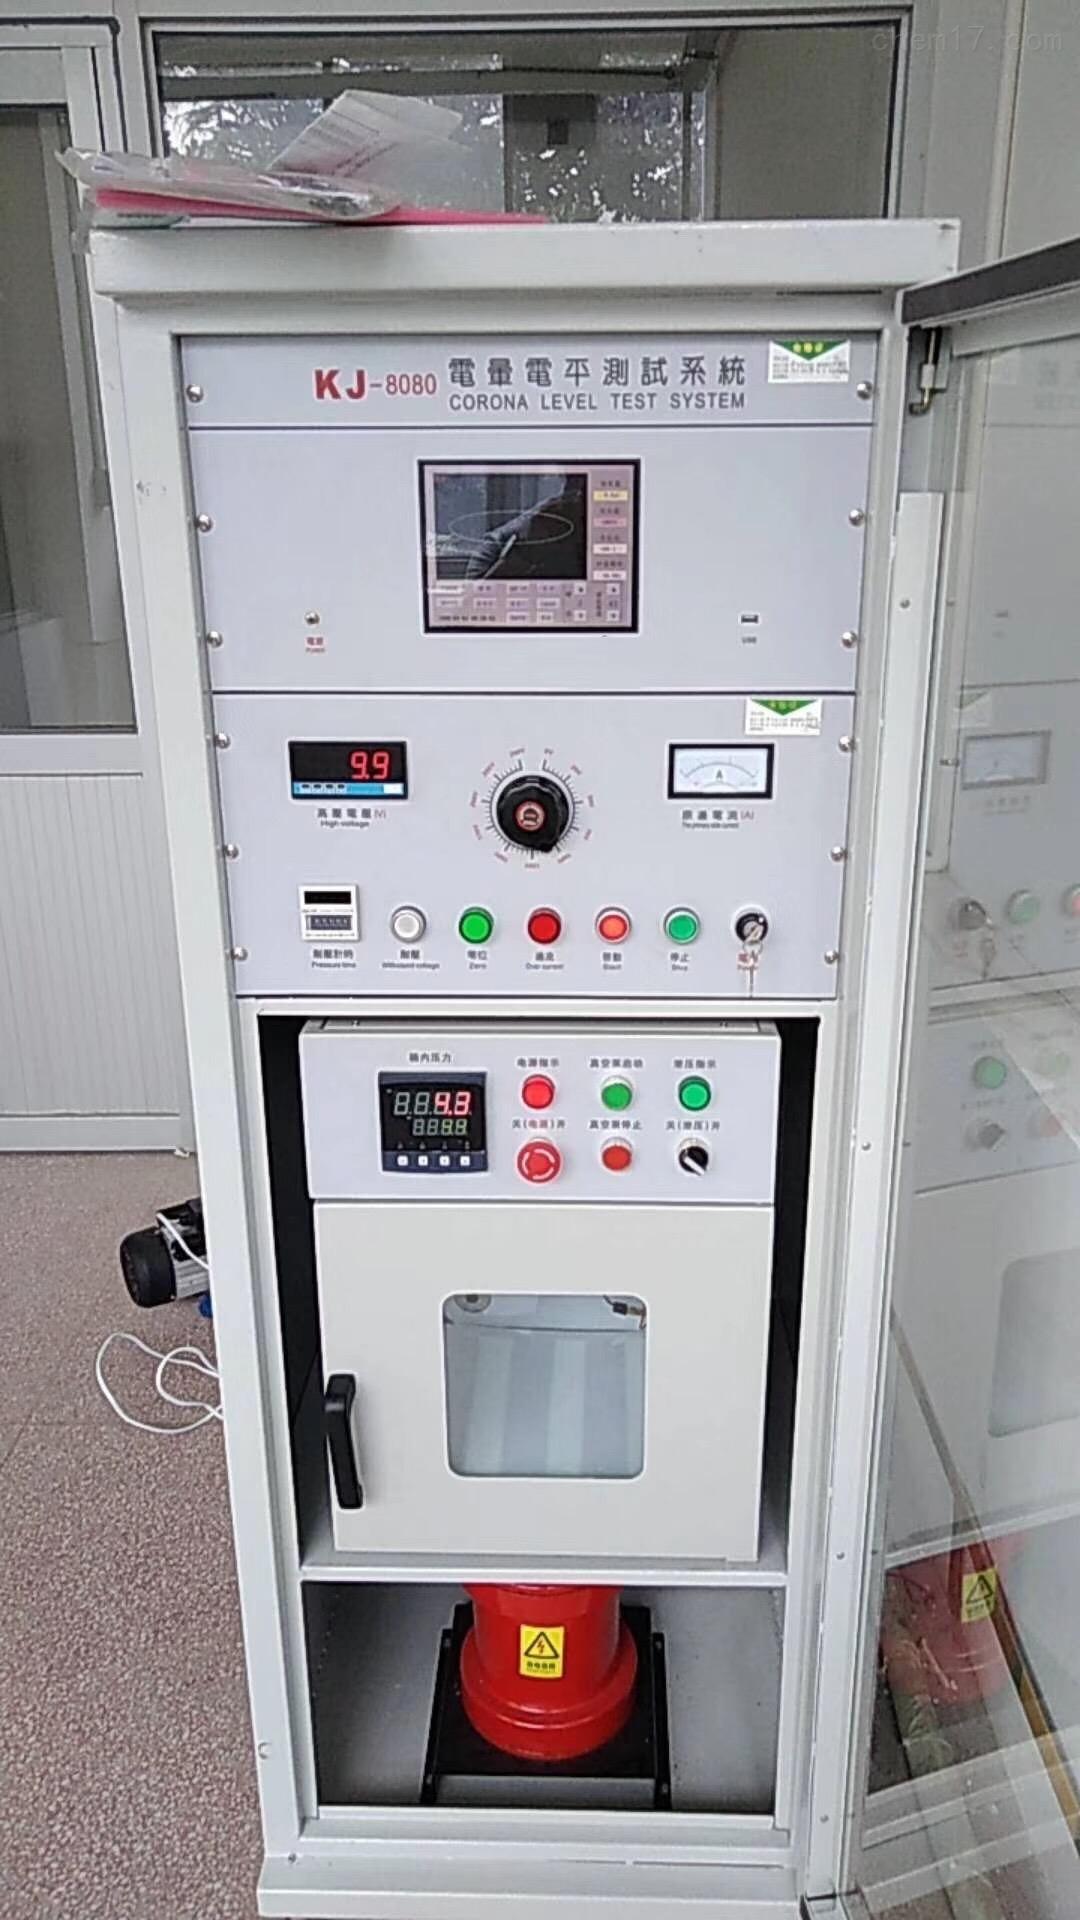 電暈電平測試系統